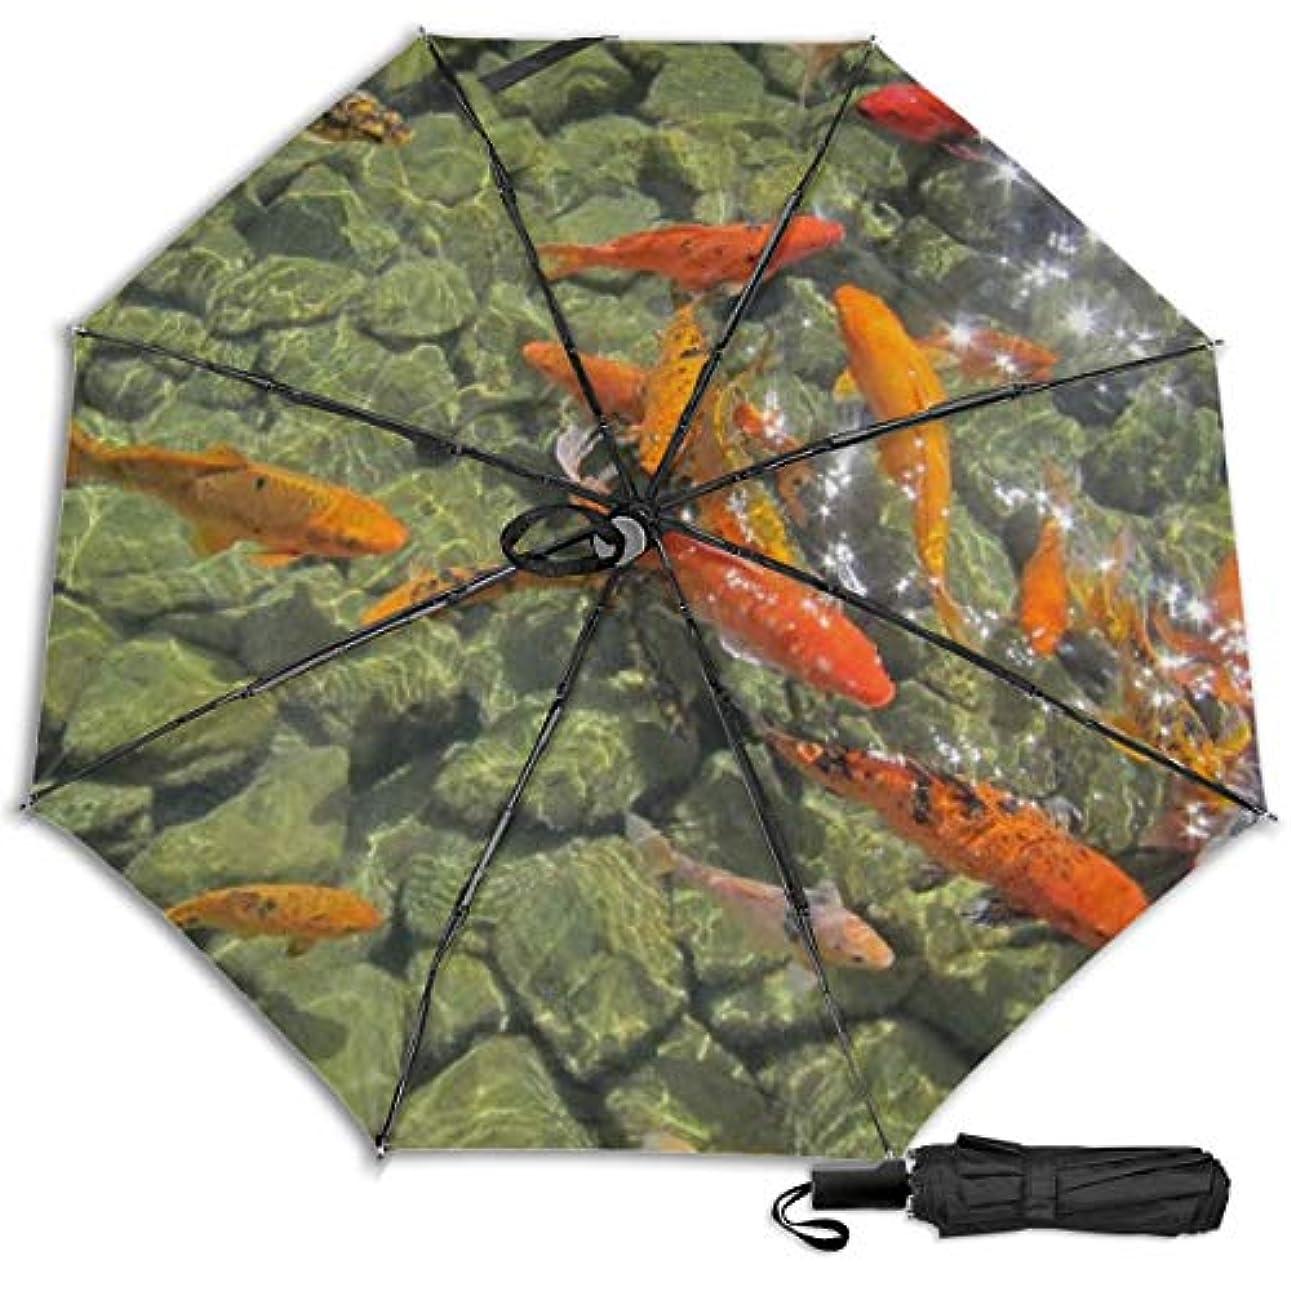 グラマー交通渋滞政治的日本のファンシーKo魚日傘 折りたたみ日傘 折り畳み日傘 超軽量 遮光率100% UVカット率99.9% UPF50+ 紫外線対策 遮熱効果 晴雨兼用 携帯便利 耐風撥水 手動 男女兼用